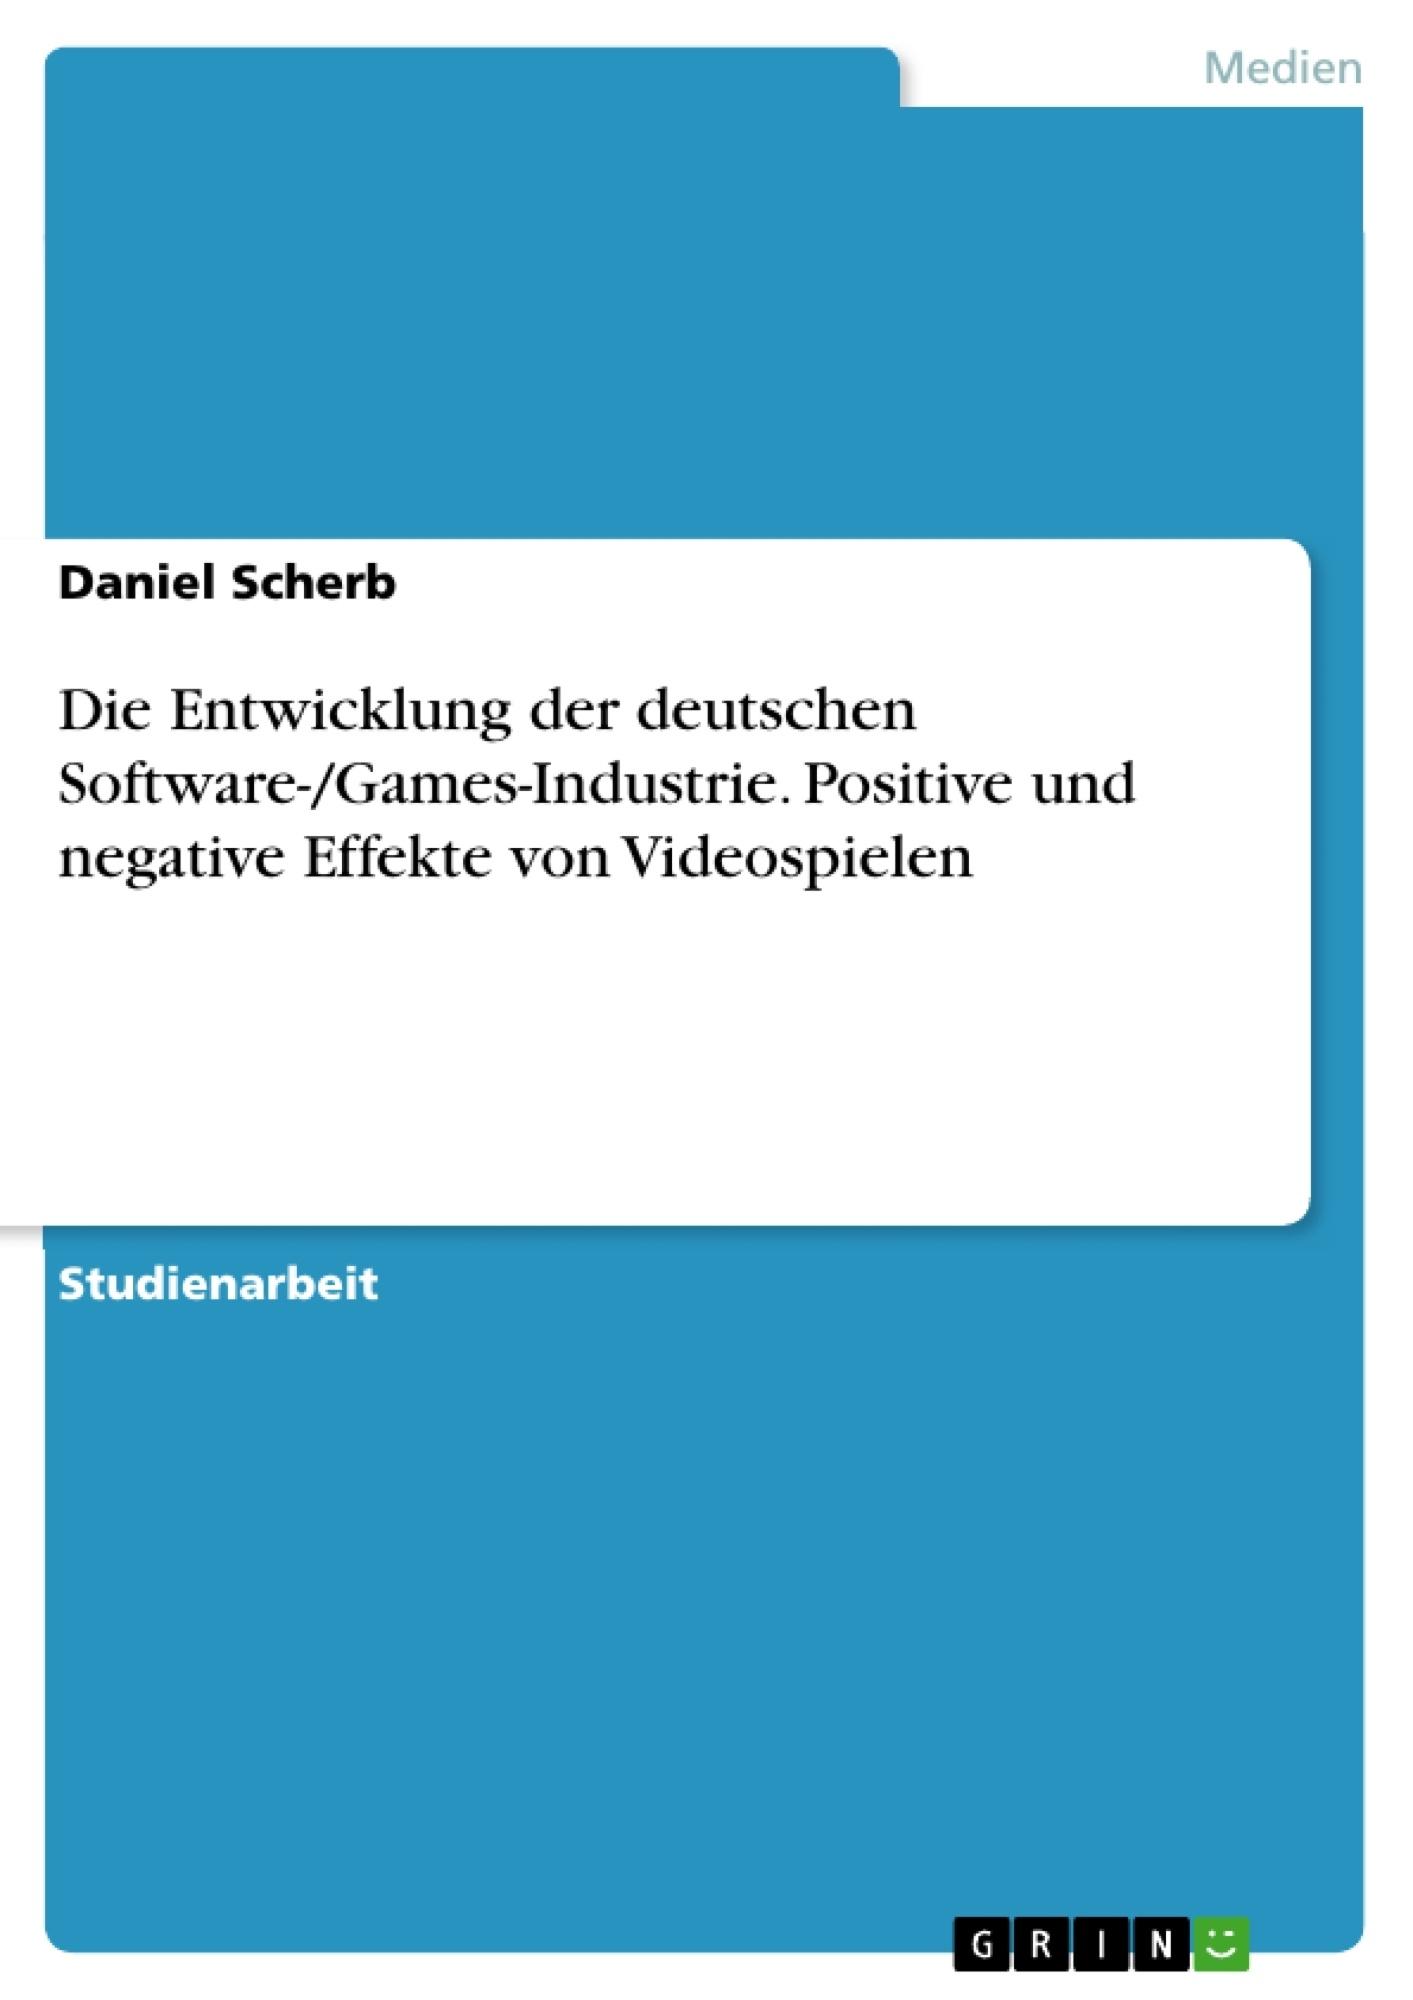 Titel: Die Entwicklung der deutschen Software-/Games-Industrie. Positive und negative Effekte von Videospielen